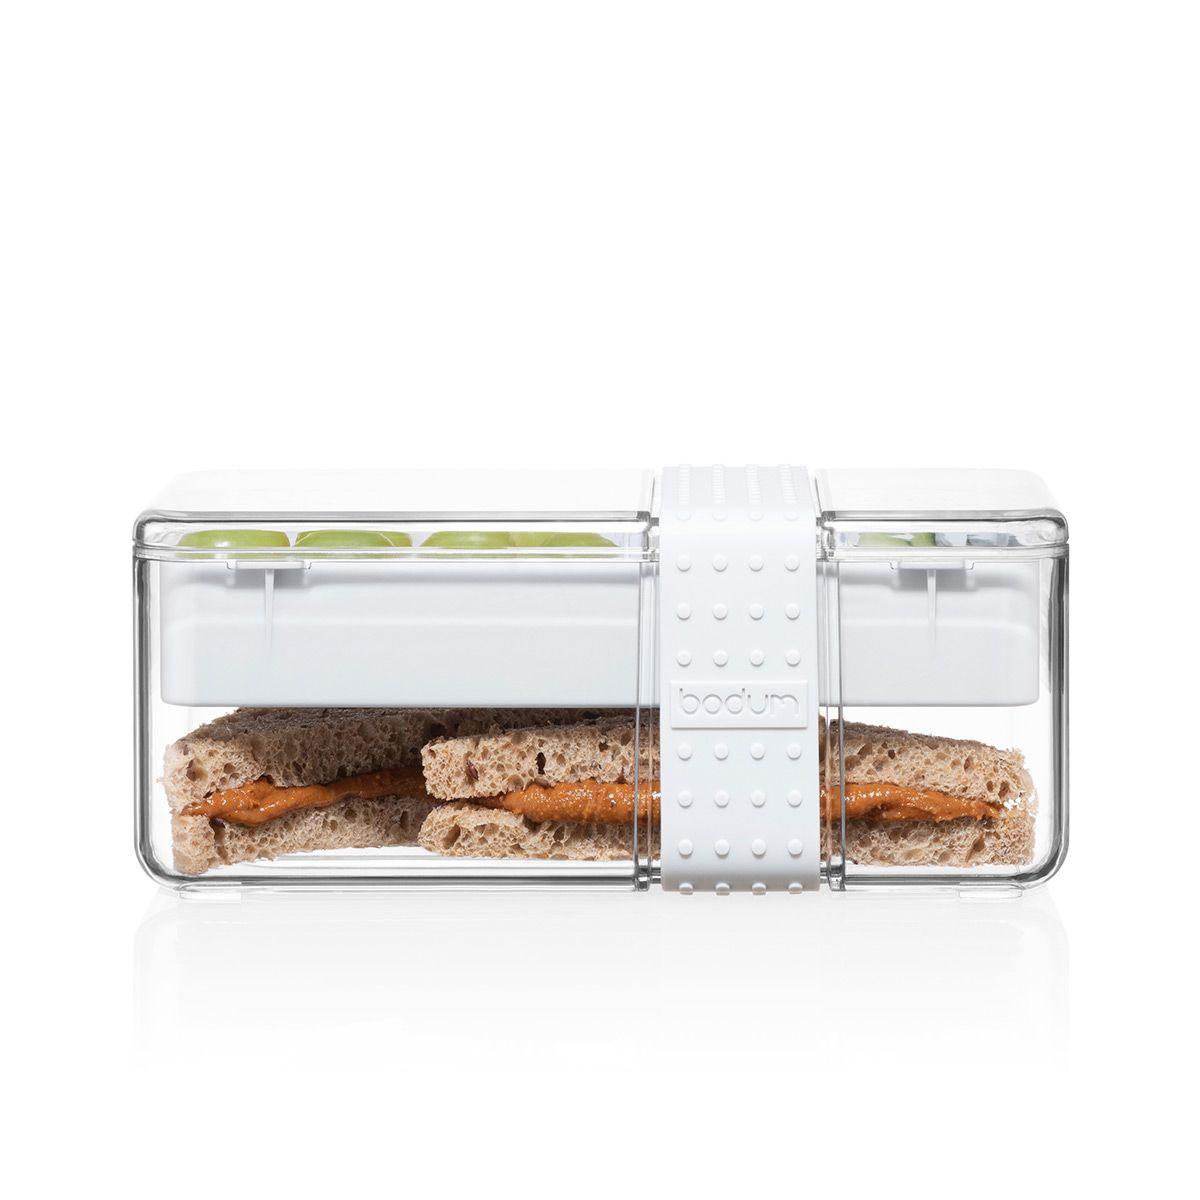 Bodum Bistro Lunchbox / broodtrommel met bestek voor €12,71 p.s. @ Bodum